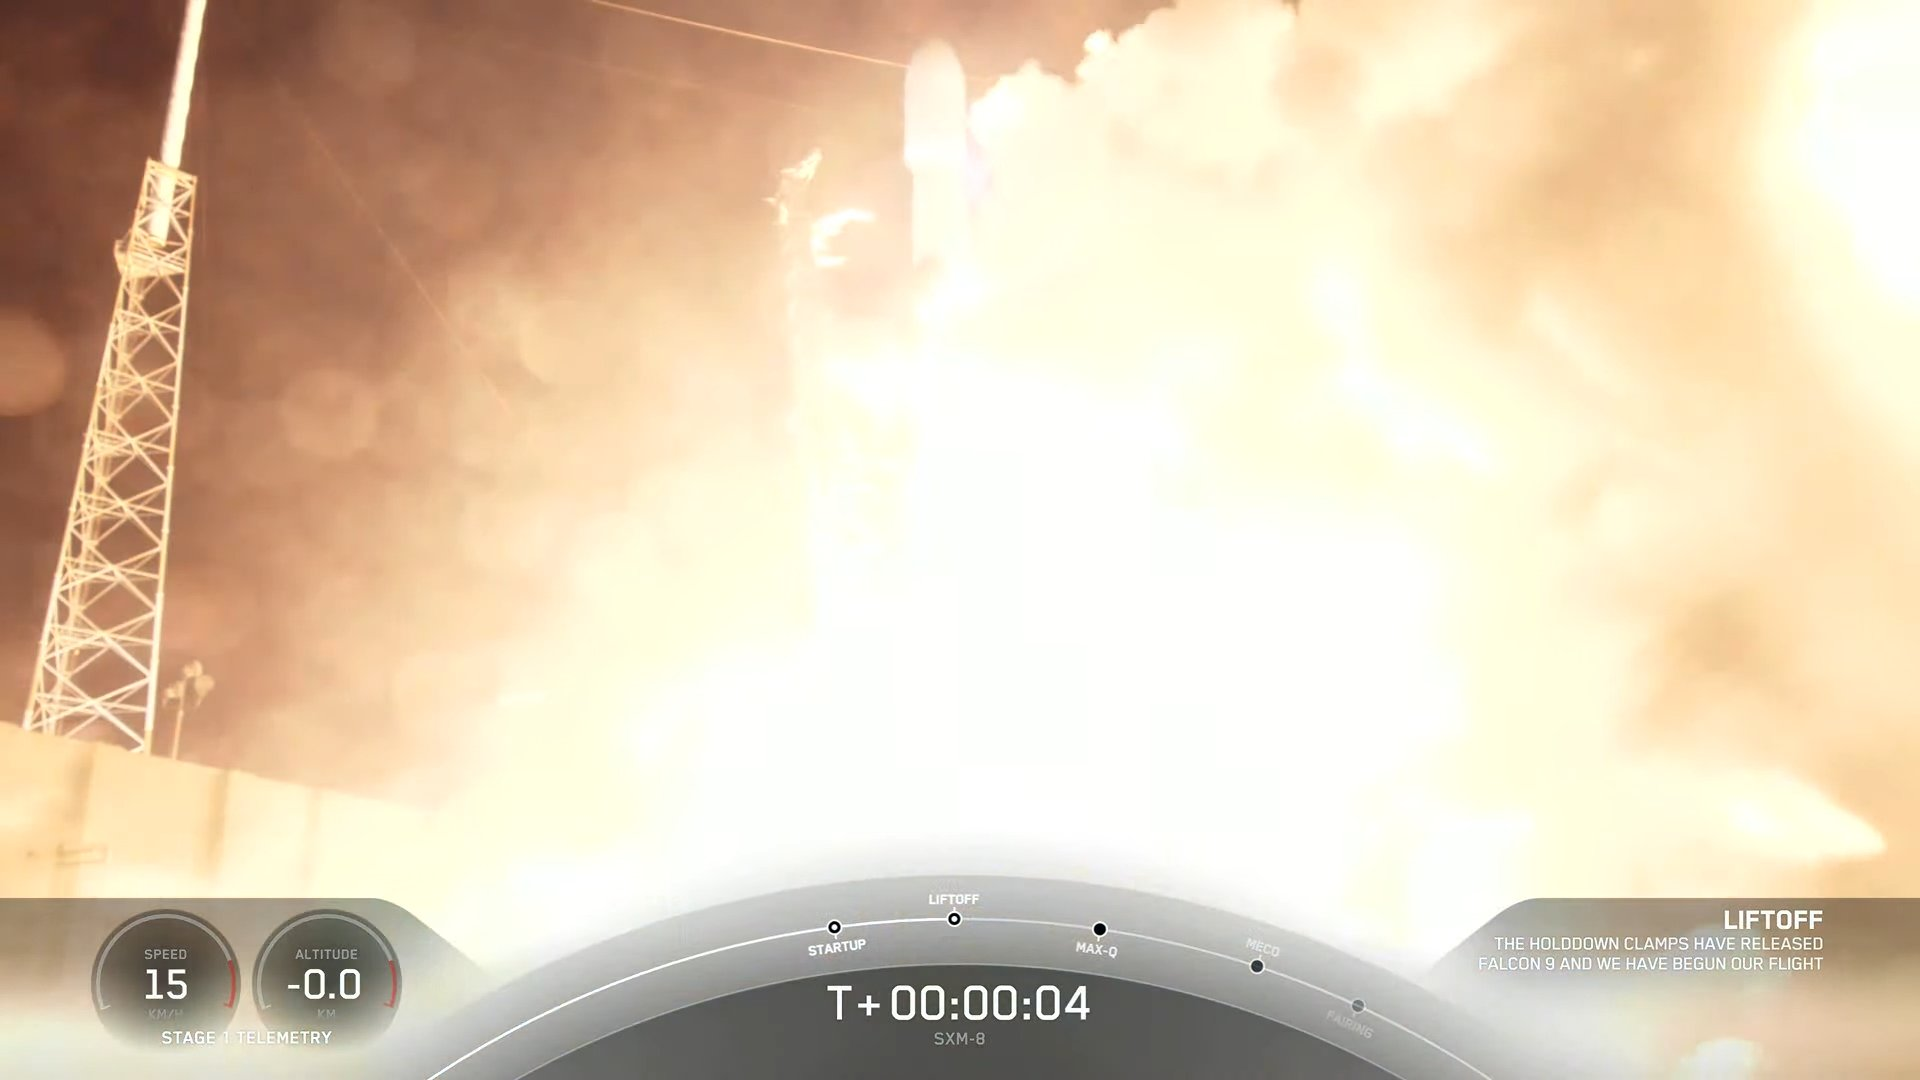 Une fusée SpaceX Falcon 9 transportant le satellite Sirius XM SXM-8 illumine le ciel de minuit au début du 6 juin 2021 lors de son lancement depuis le complexe de lancement spatial 40 de la station de force spatiale de Cap Canaveral.